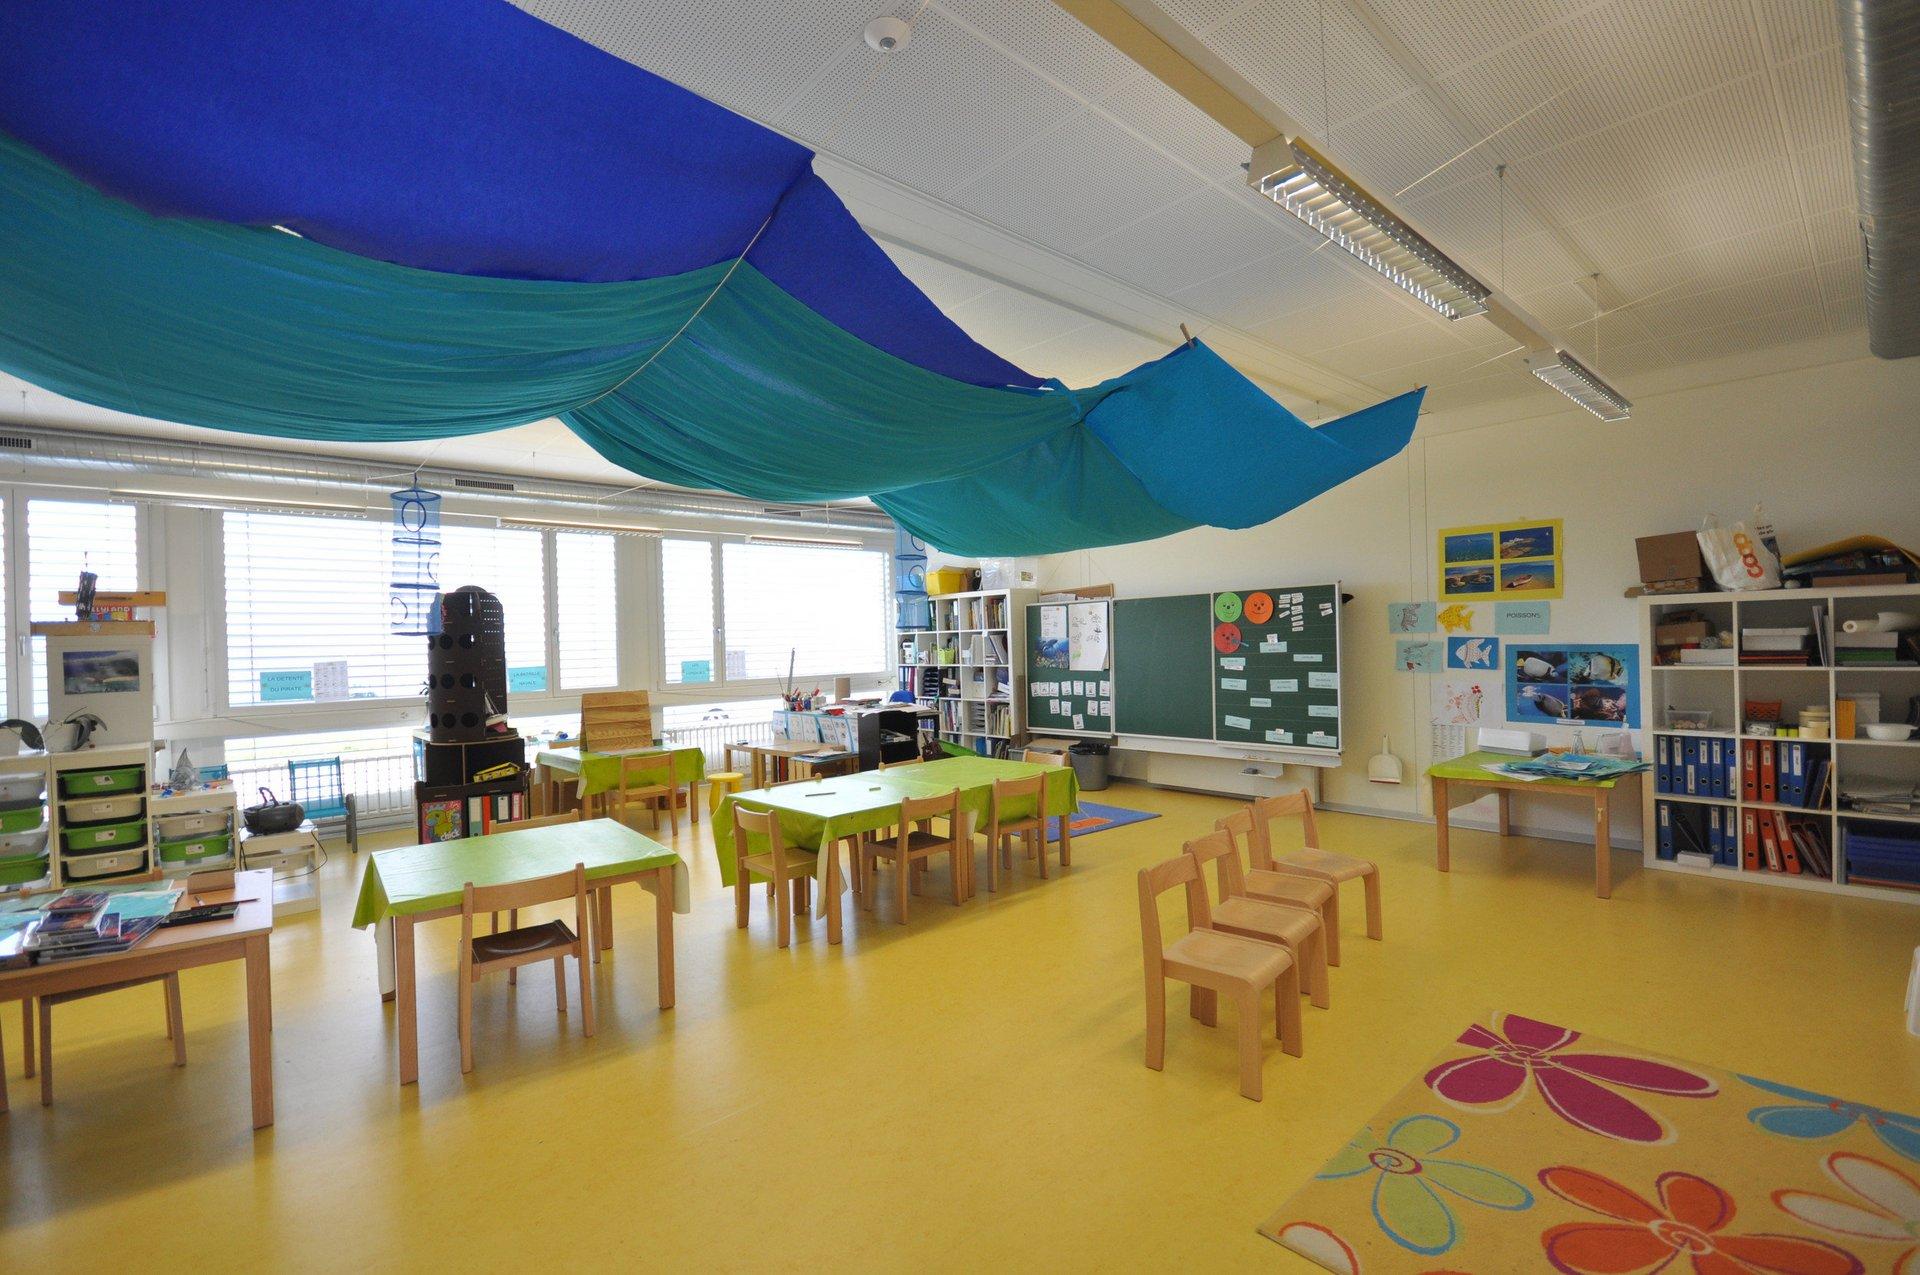 Ausgestattetes Klassenzimmer mit grossen Fensterelementen